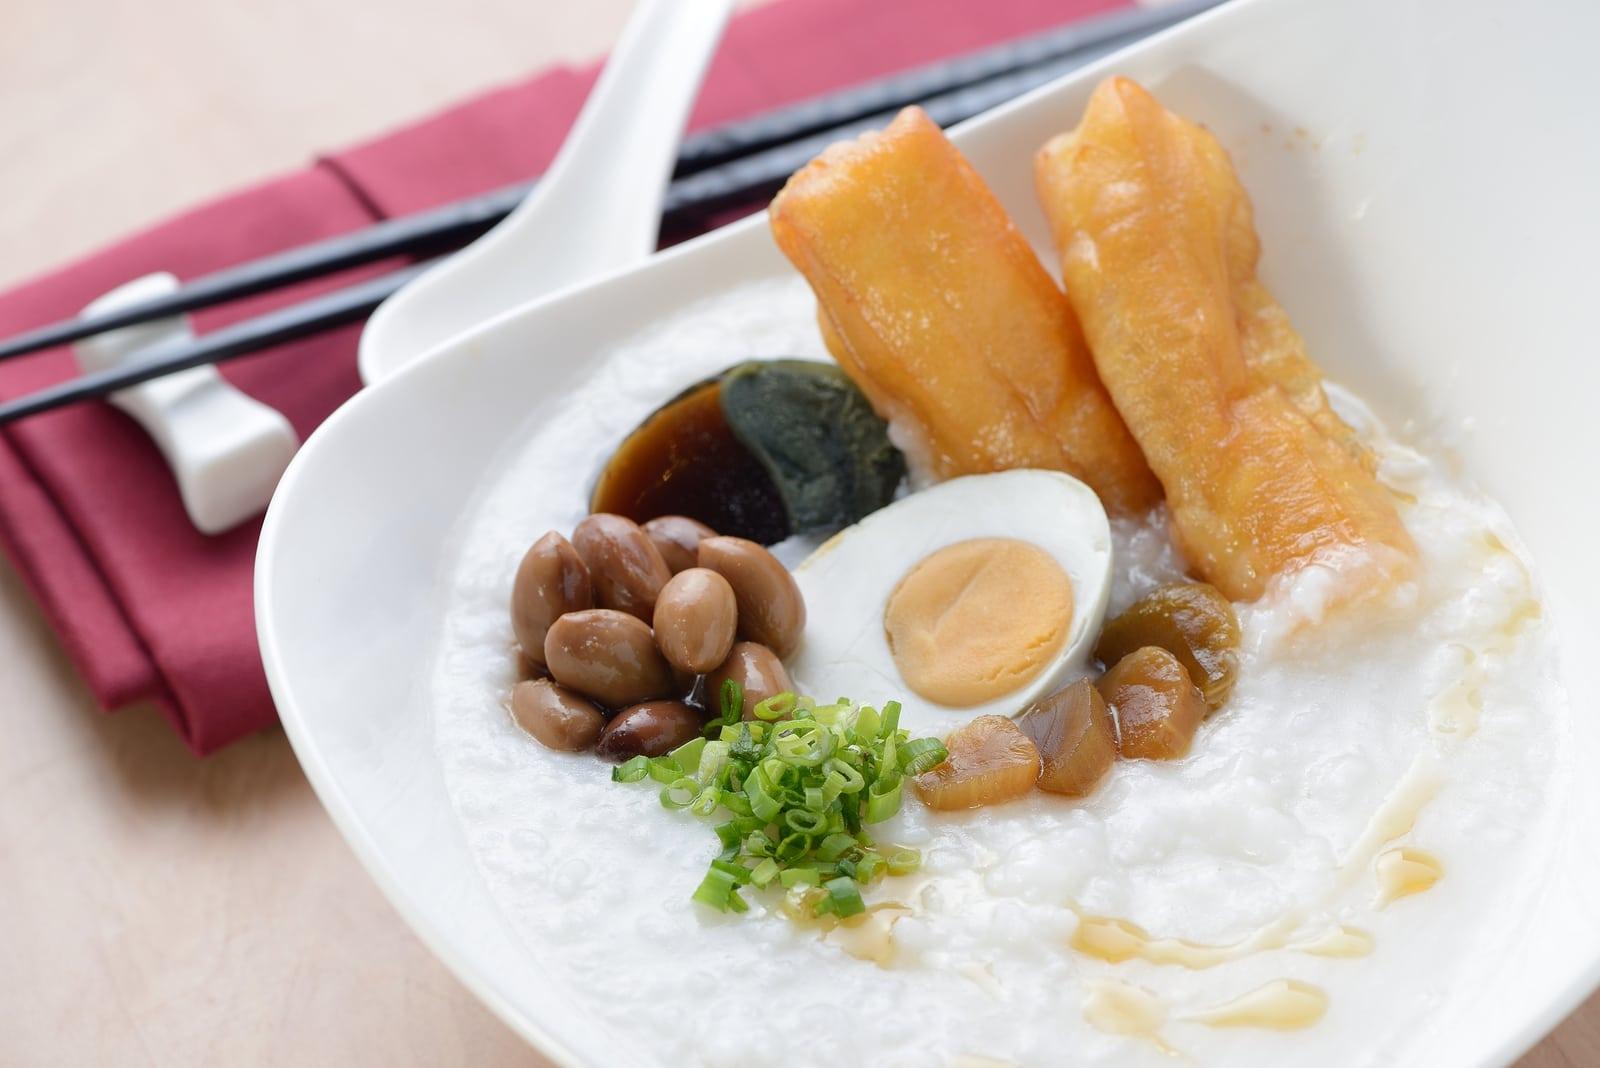 Best Hong Kong food - congee